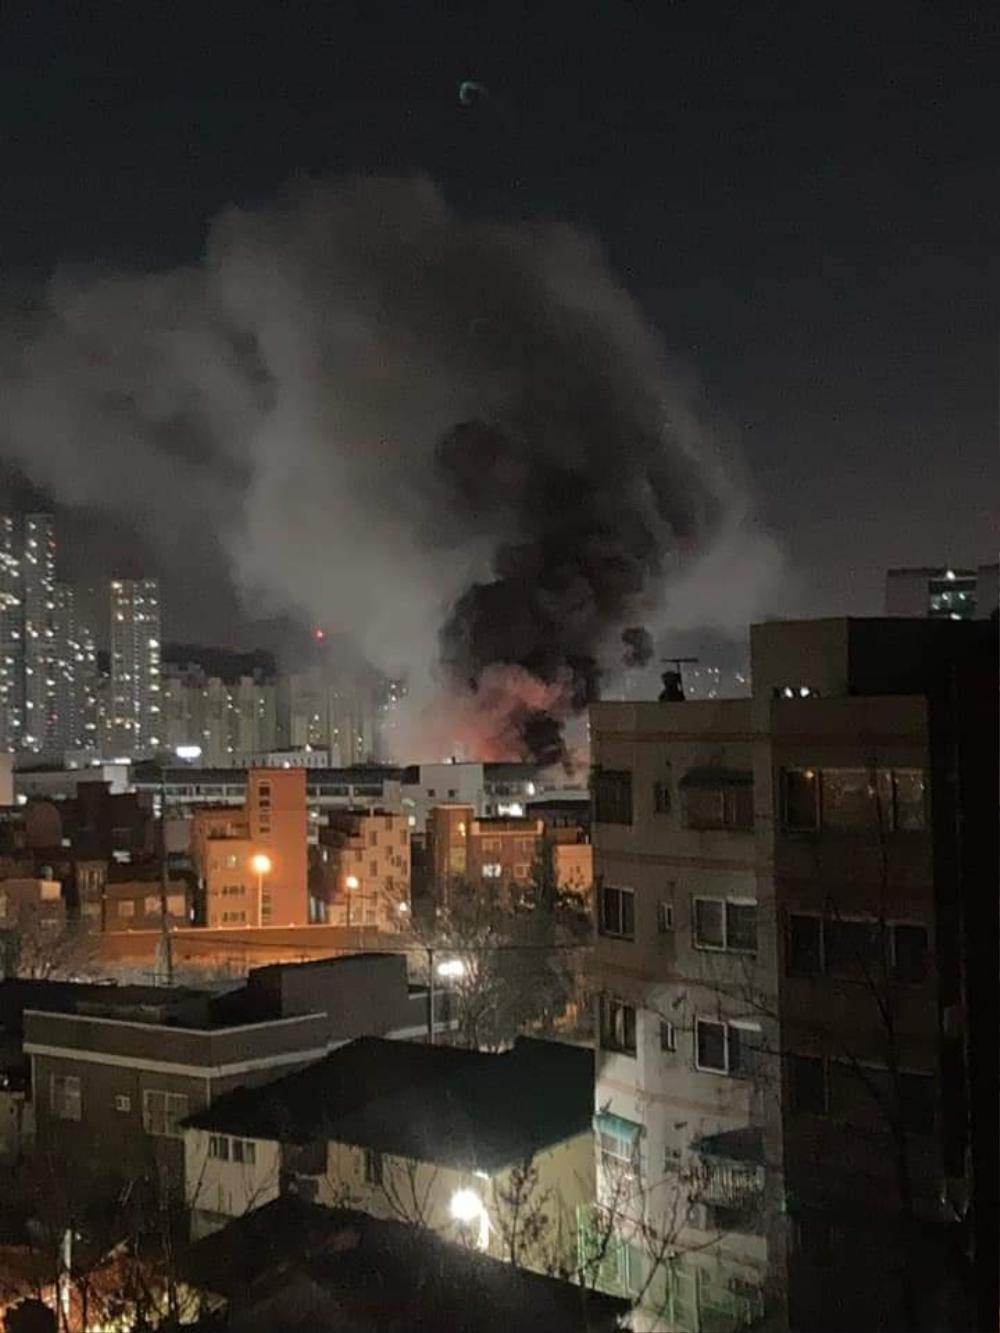 Trường Đại học Hàn Quốc cháy lớn ngay đêm Giao thừa 2021: Hơn 70 lính cứu hỏa đến dập lửa! Ảnh 2